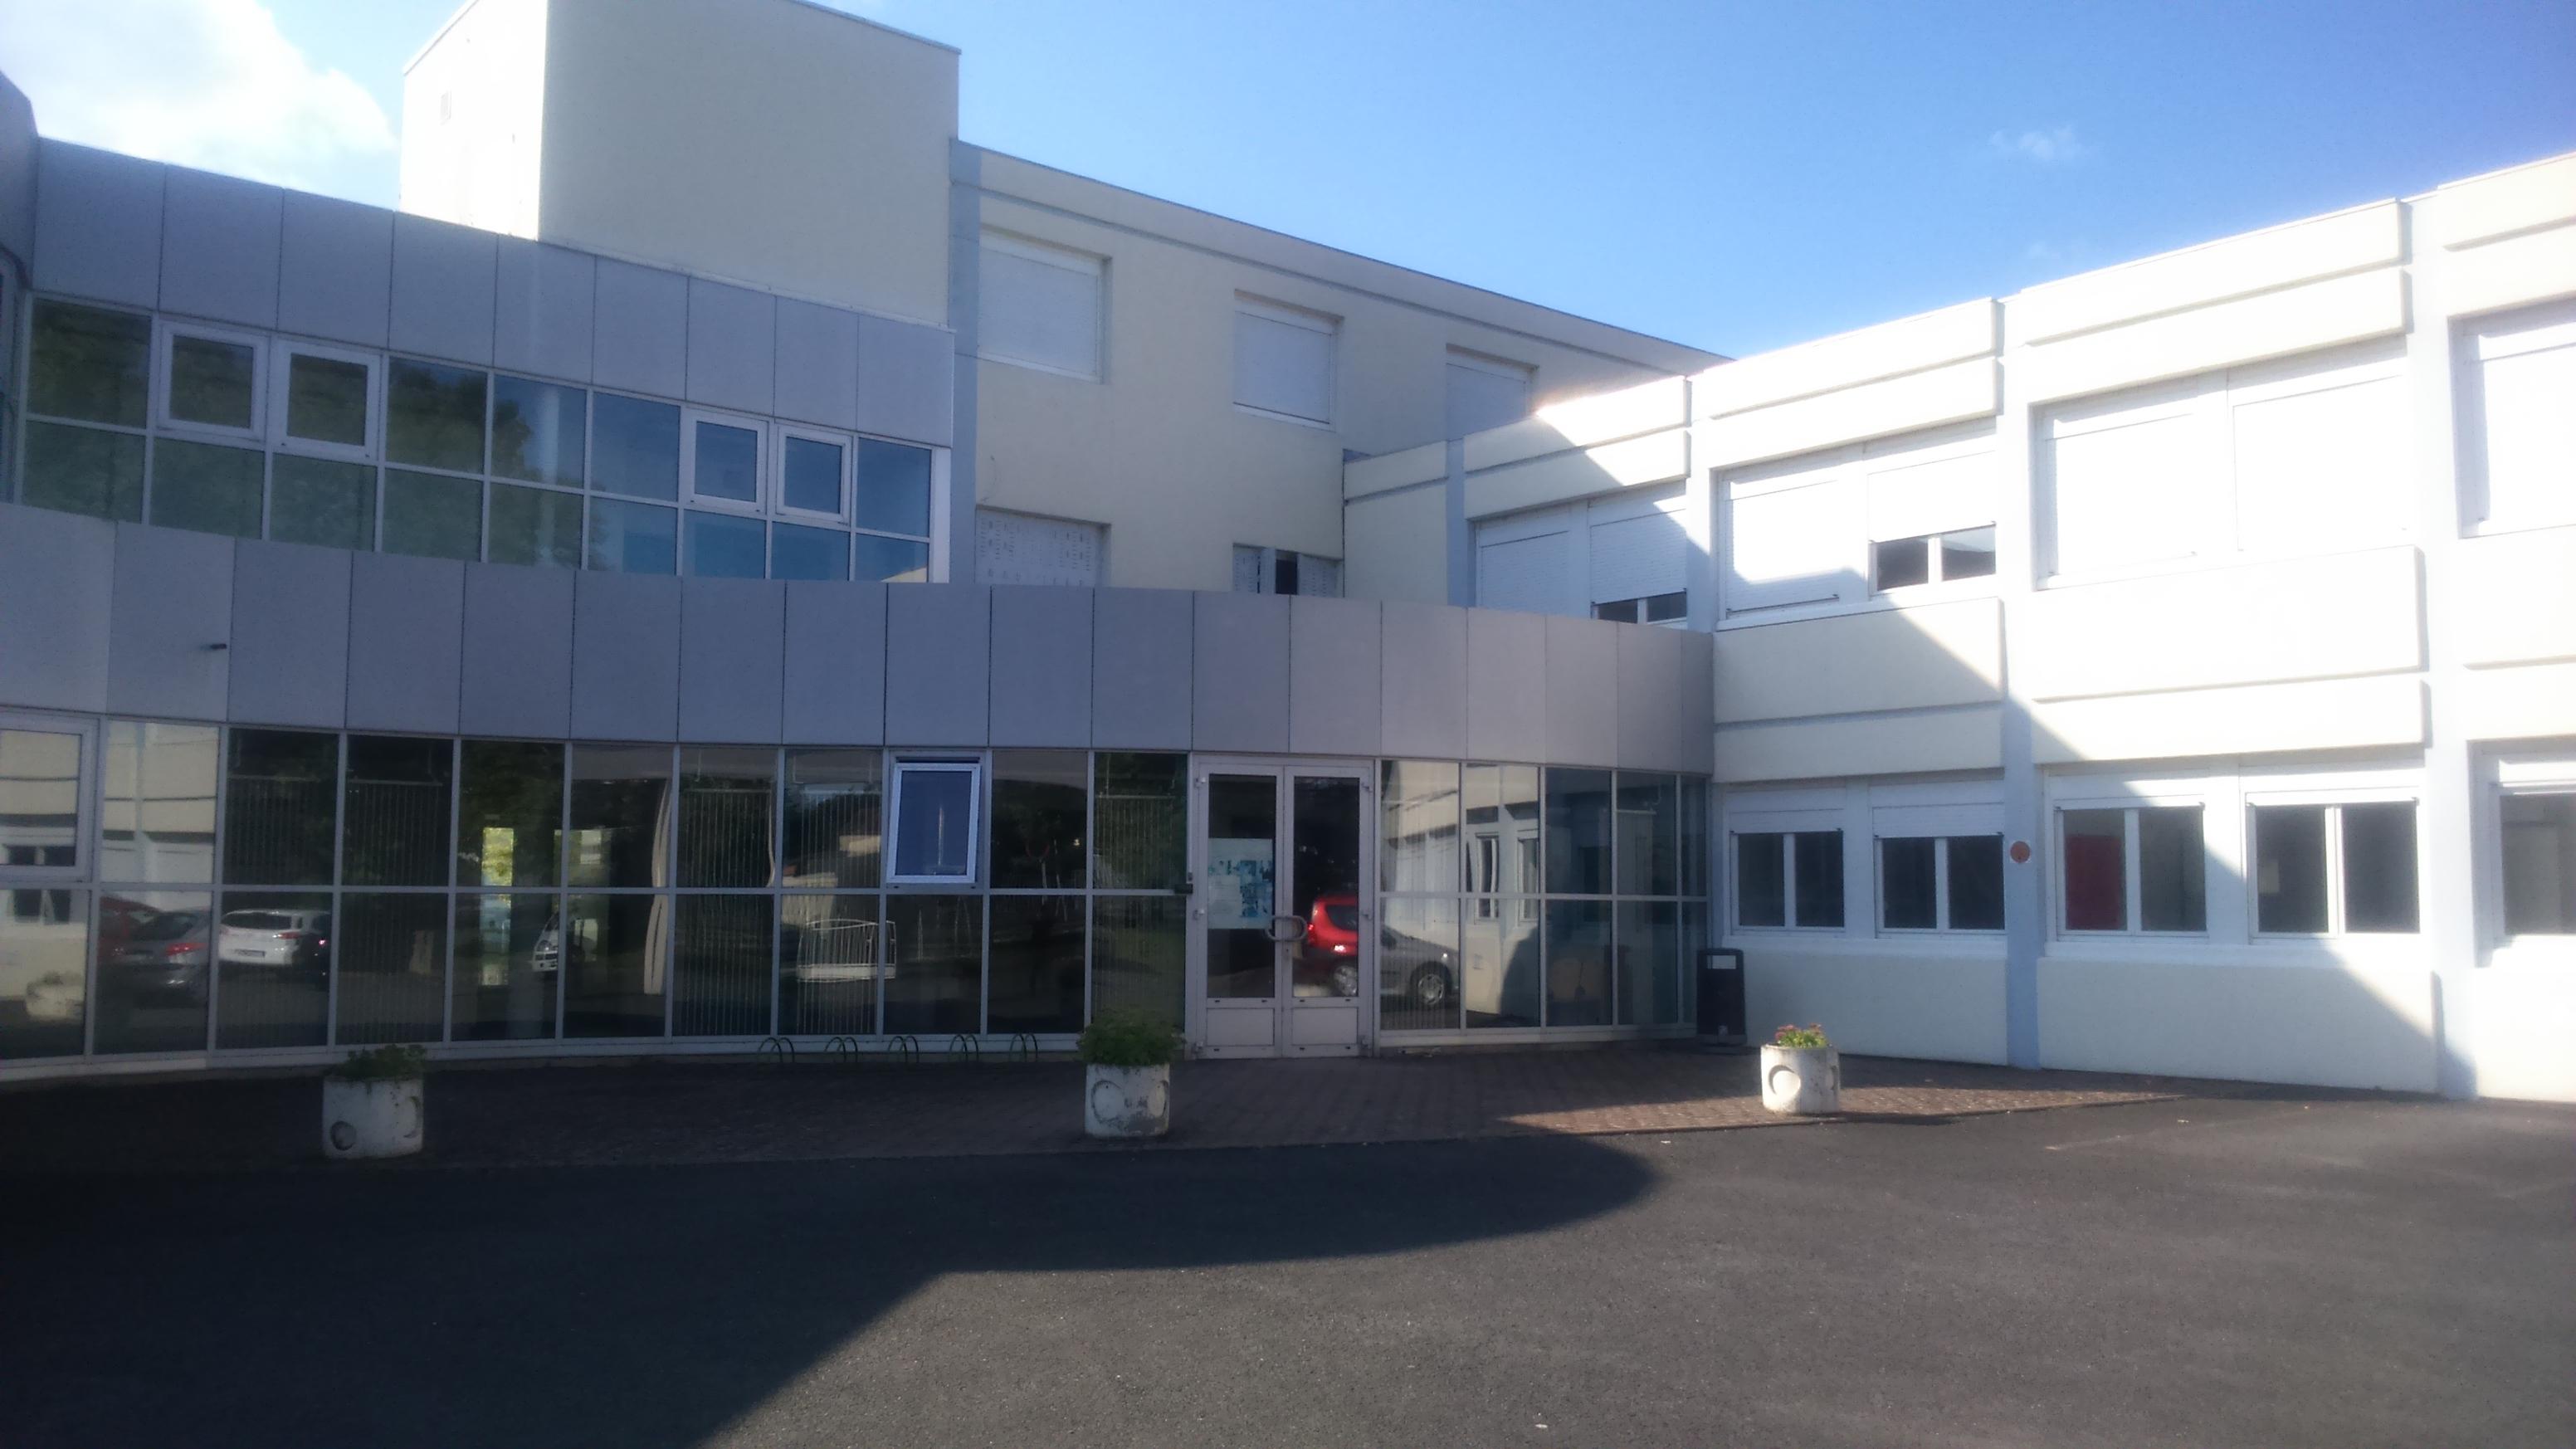 Lycée branly bâtiment lavoisier châtellerault